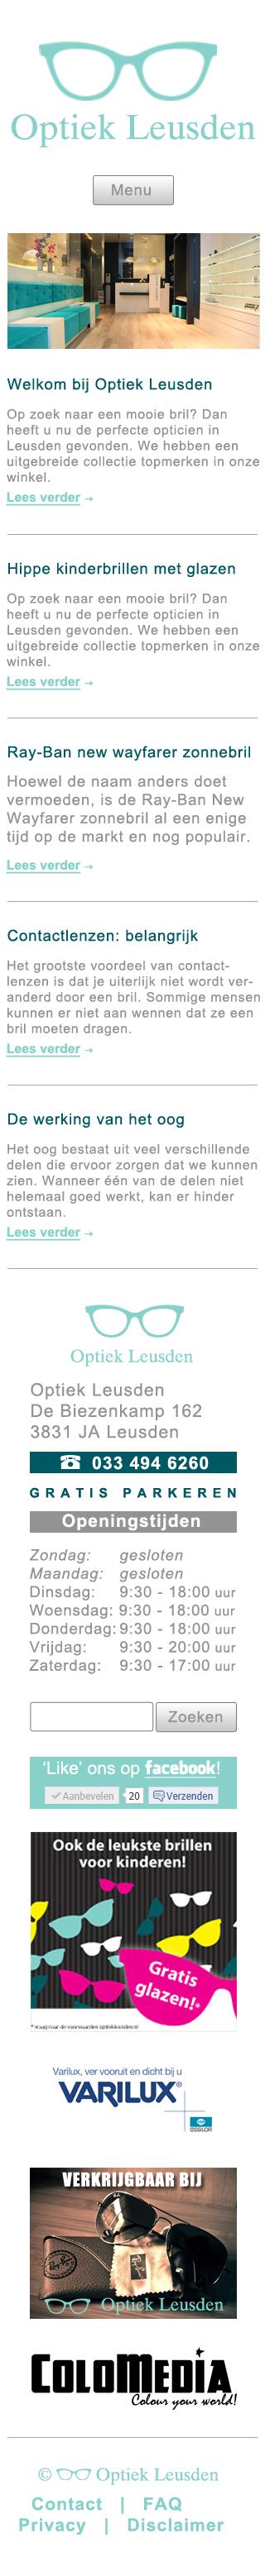 design-iPhone